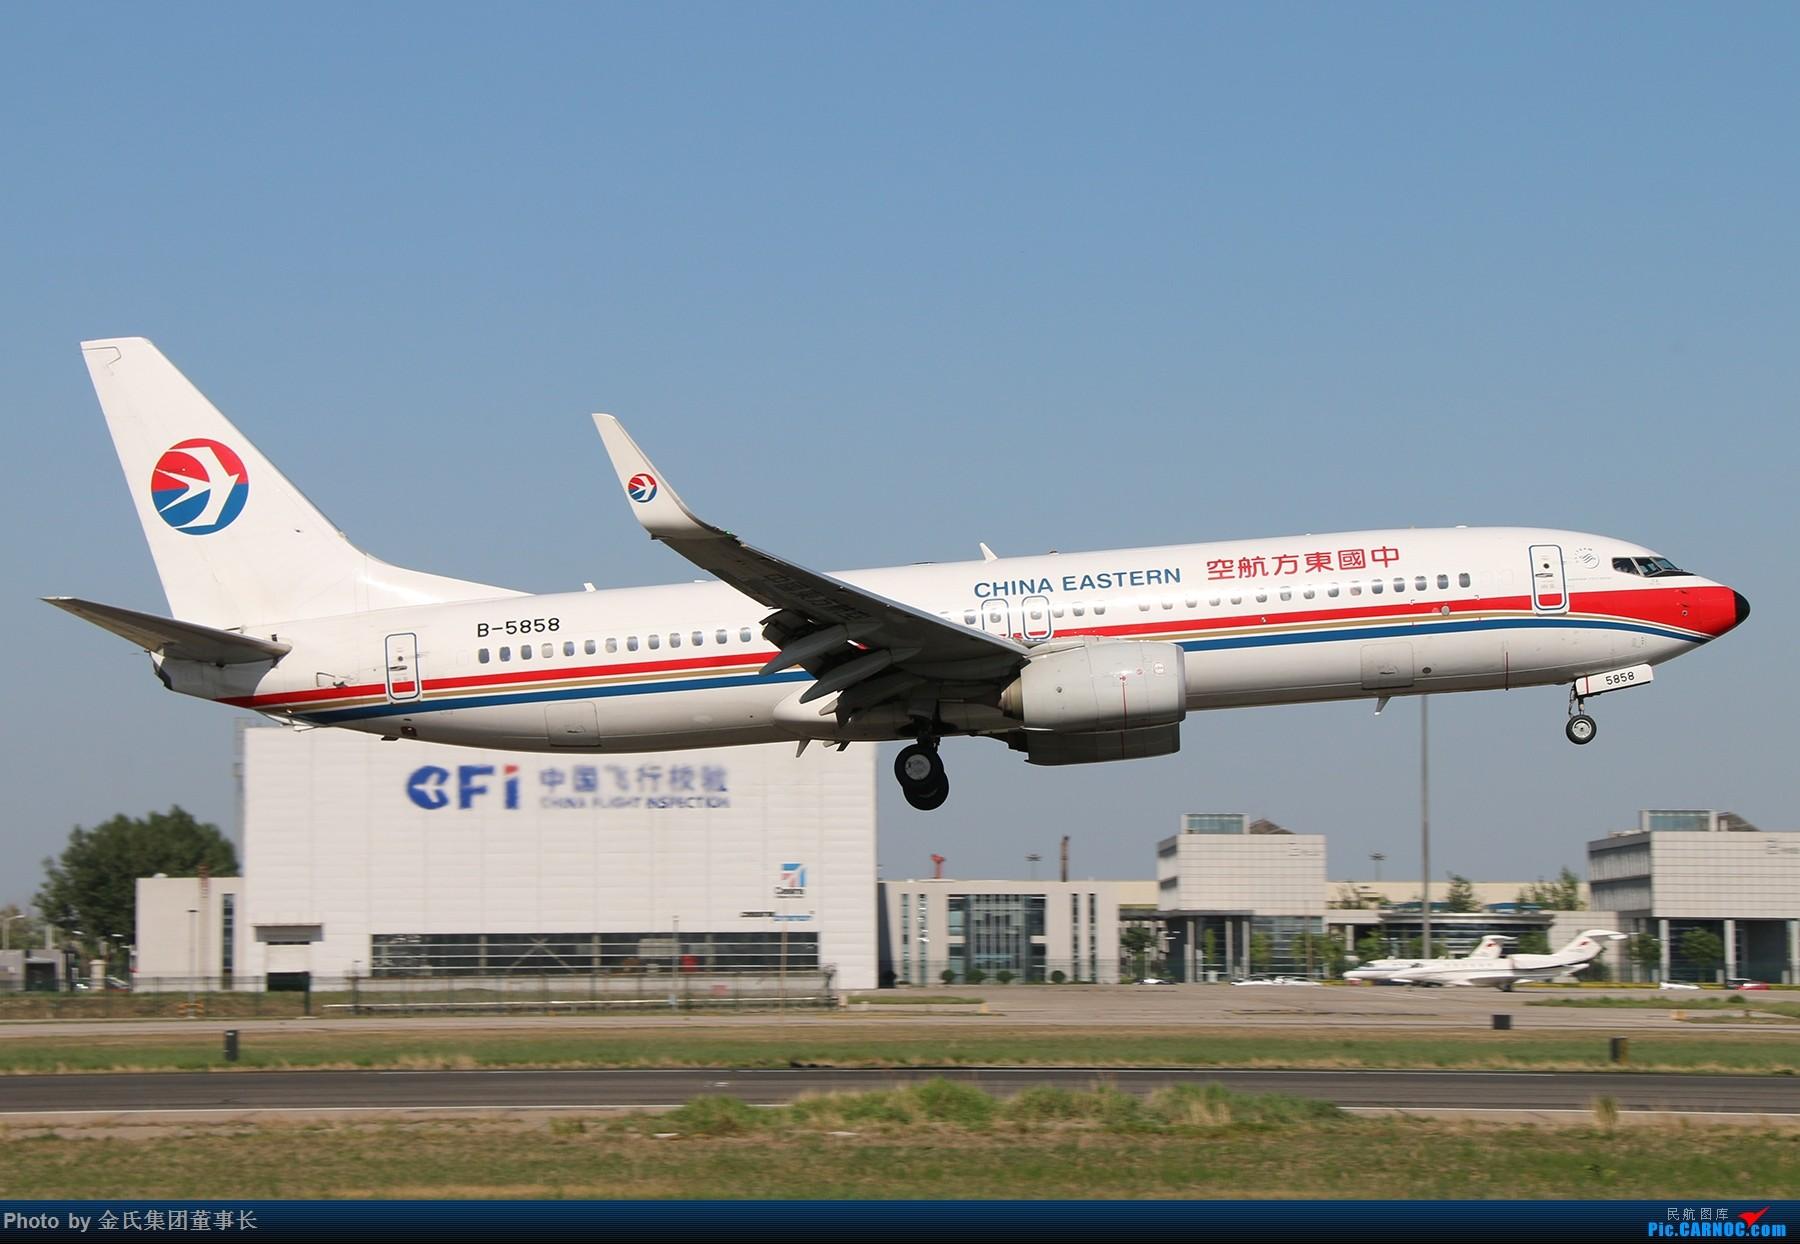 Re:[原创]【董事长】PEK-东航-汇总 BOEING 737-800 B-5858 中国北京首都国际机场